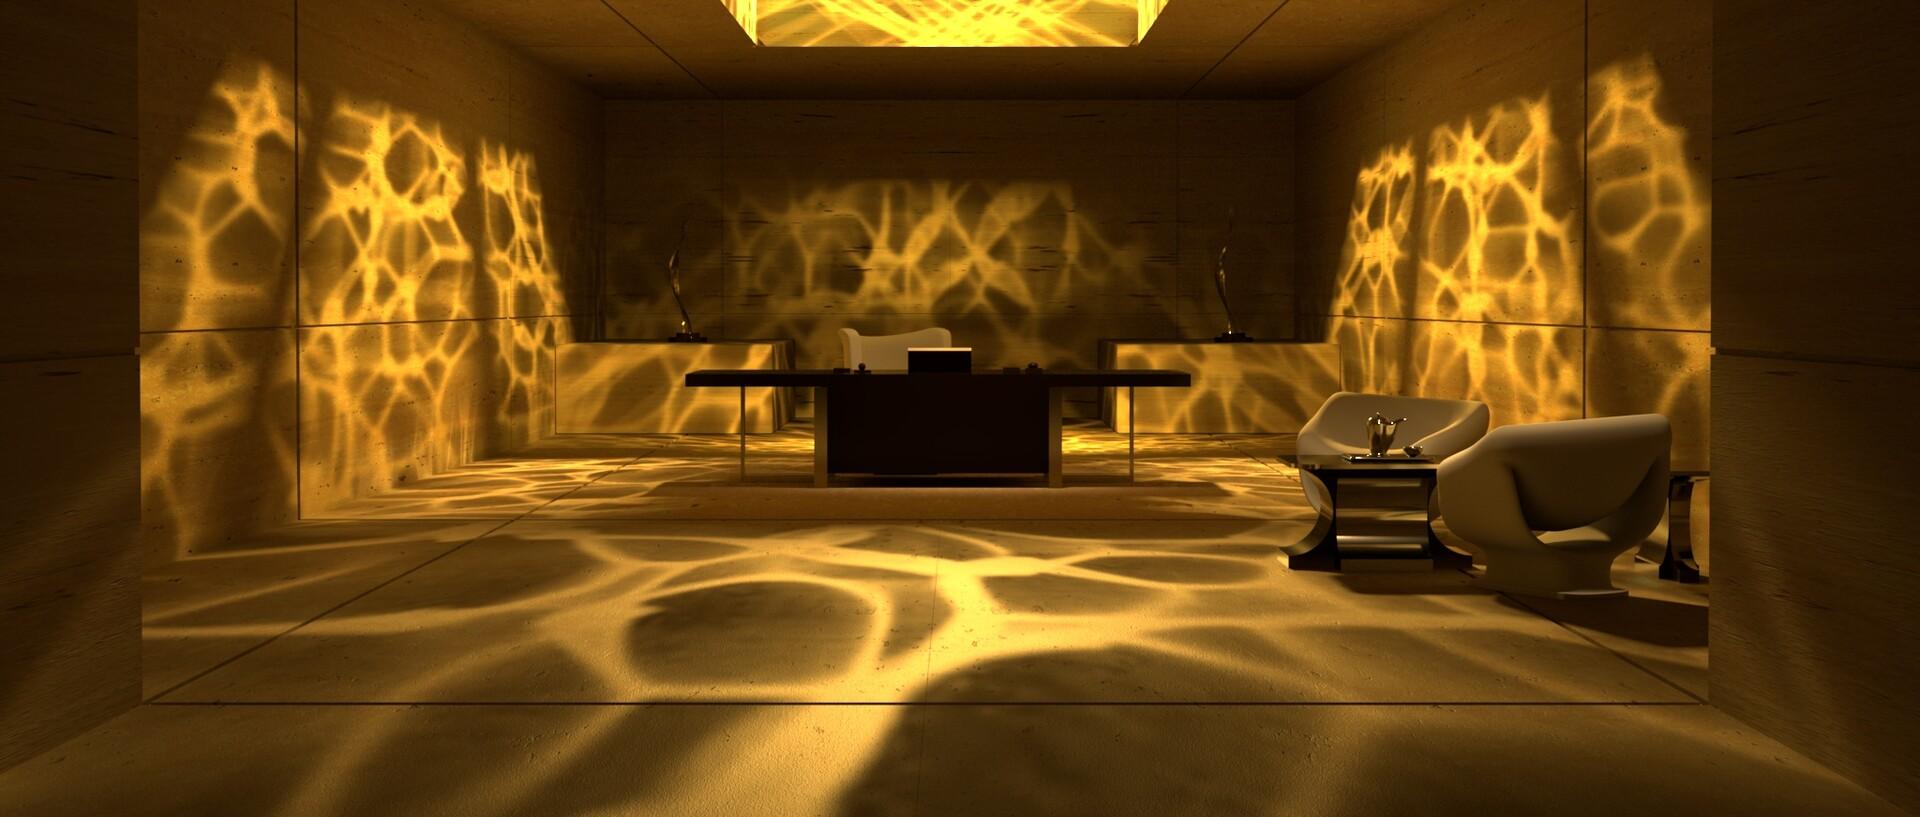 Artstation Blade Runner 2049 Mood Match Robin Mcnabb